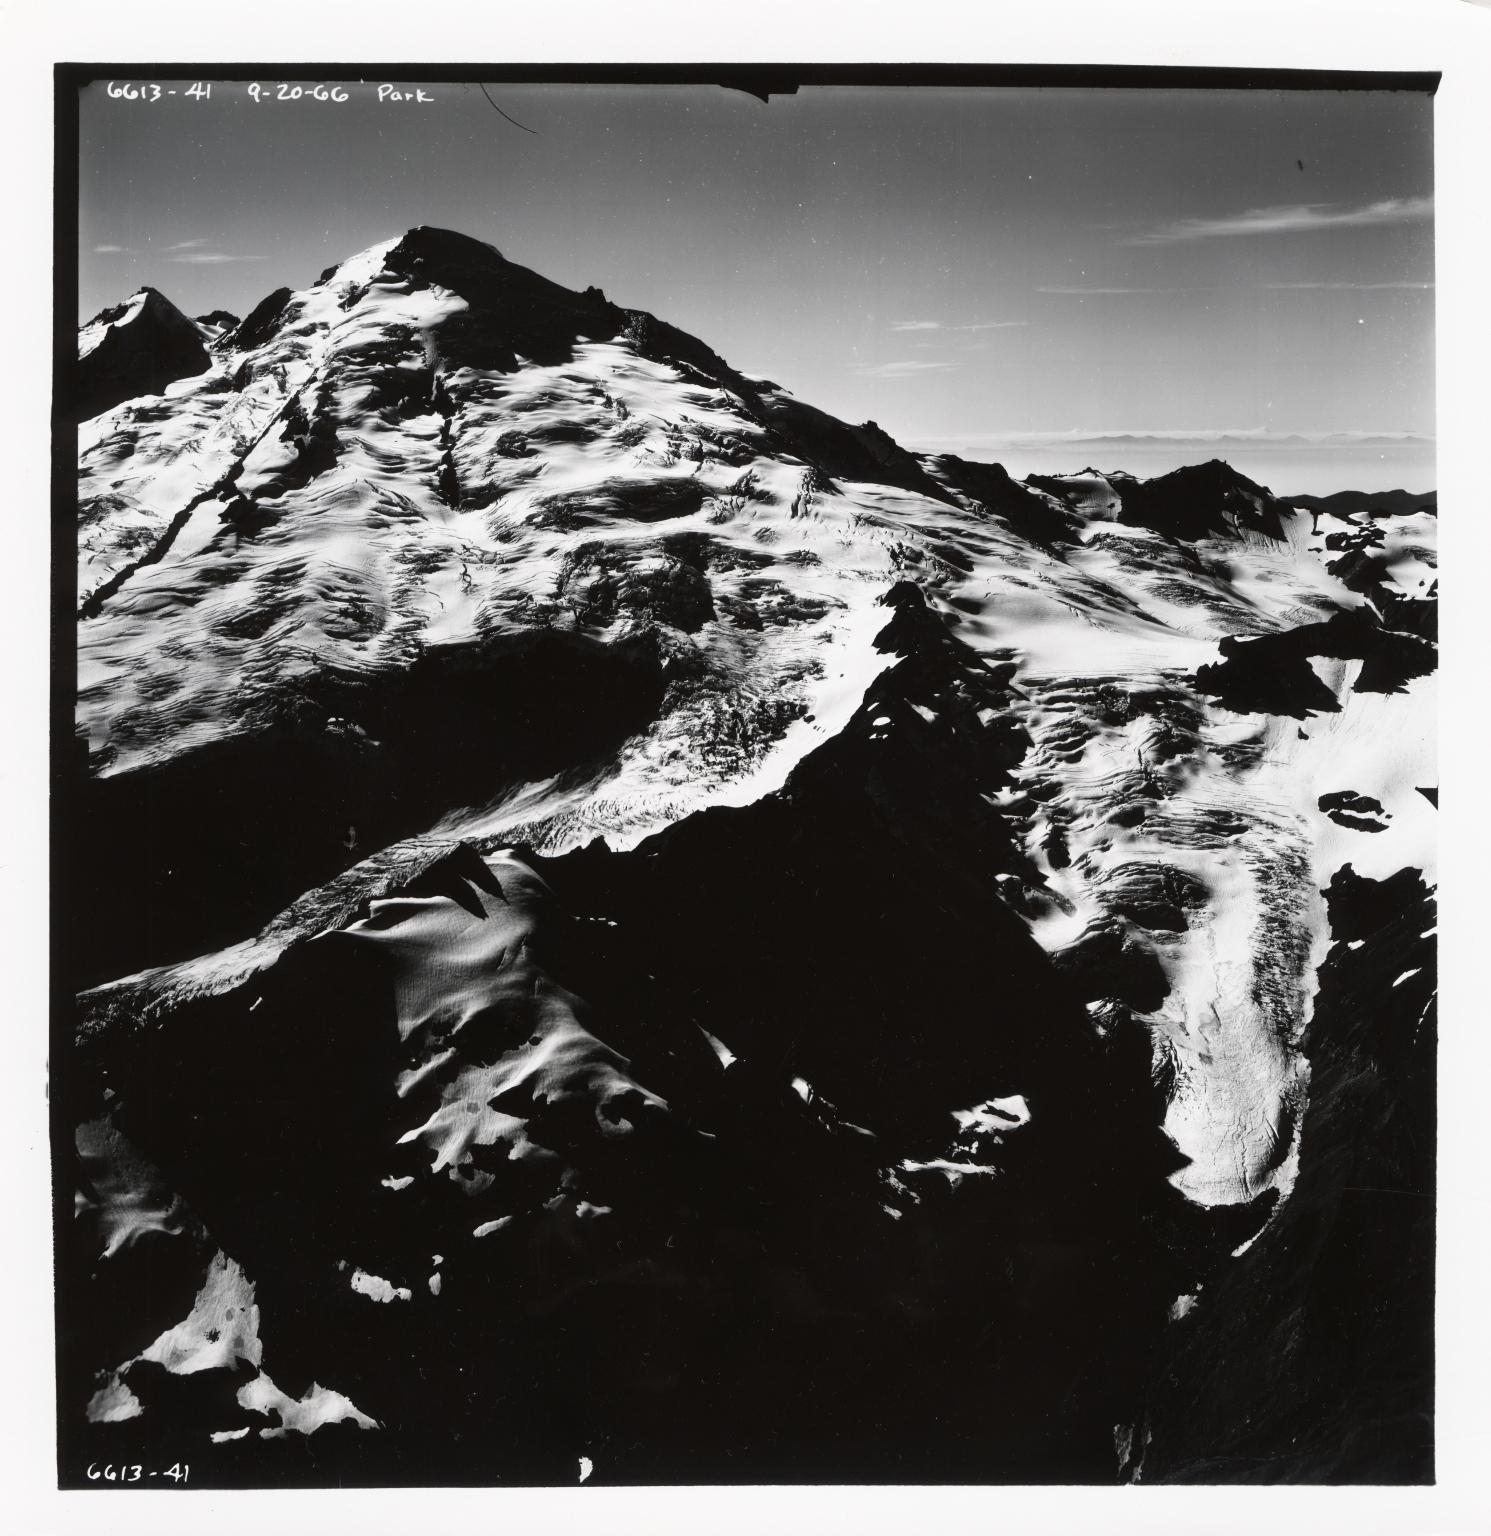 Park Glacier, Washington, United States